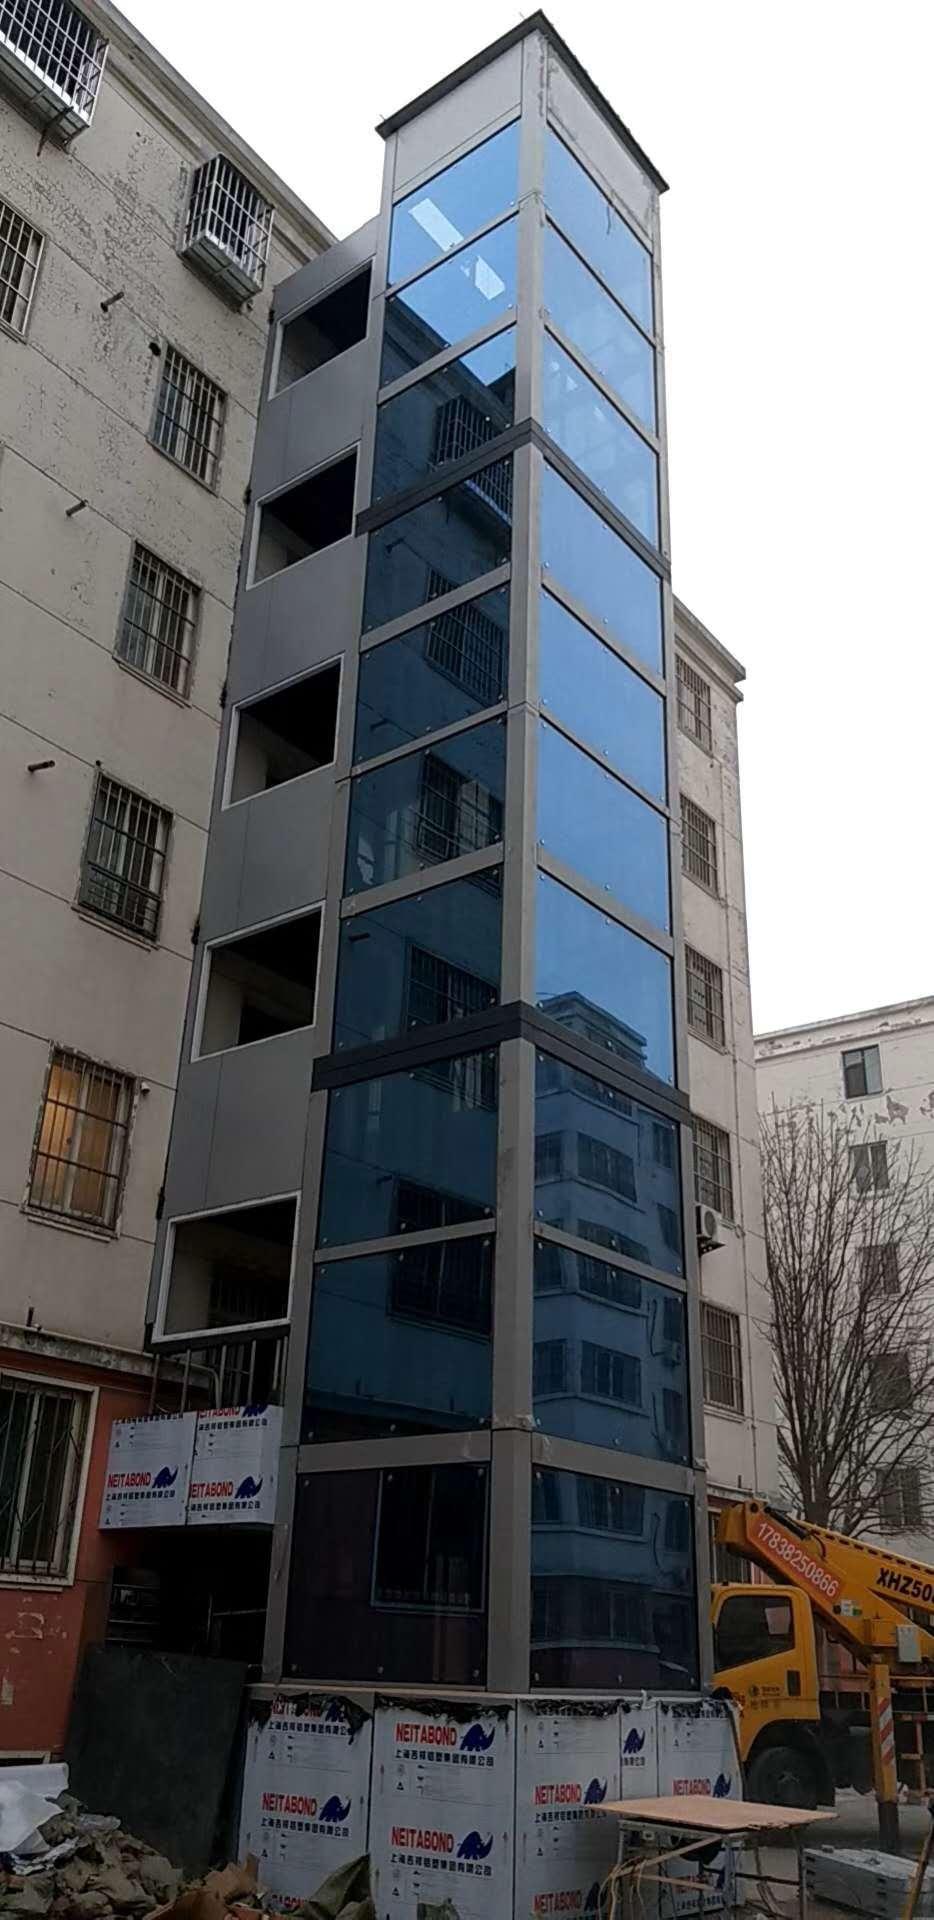 44-河南濮阳市添运小区84号楼二单元项目